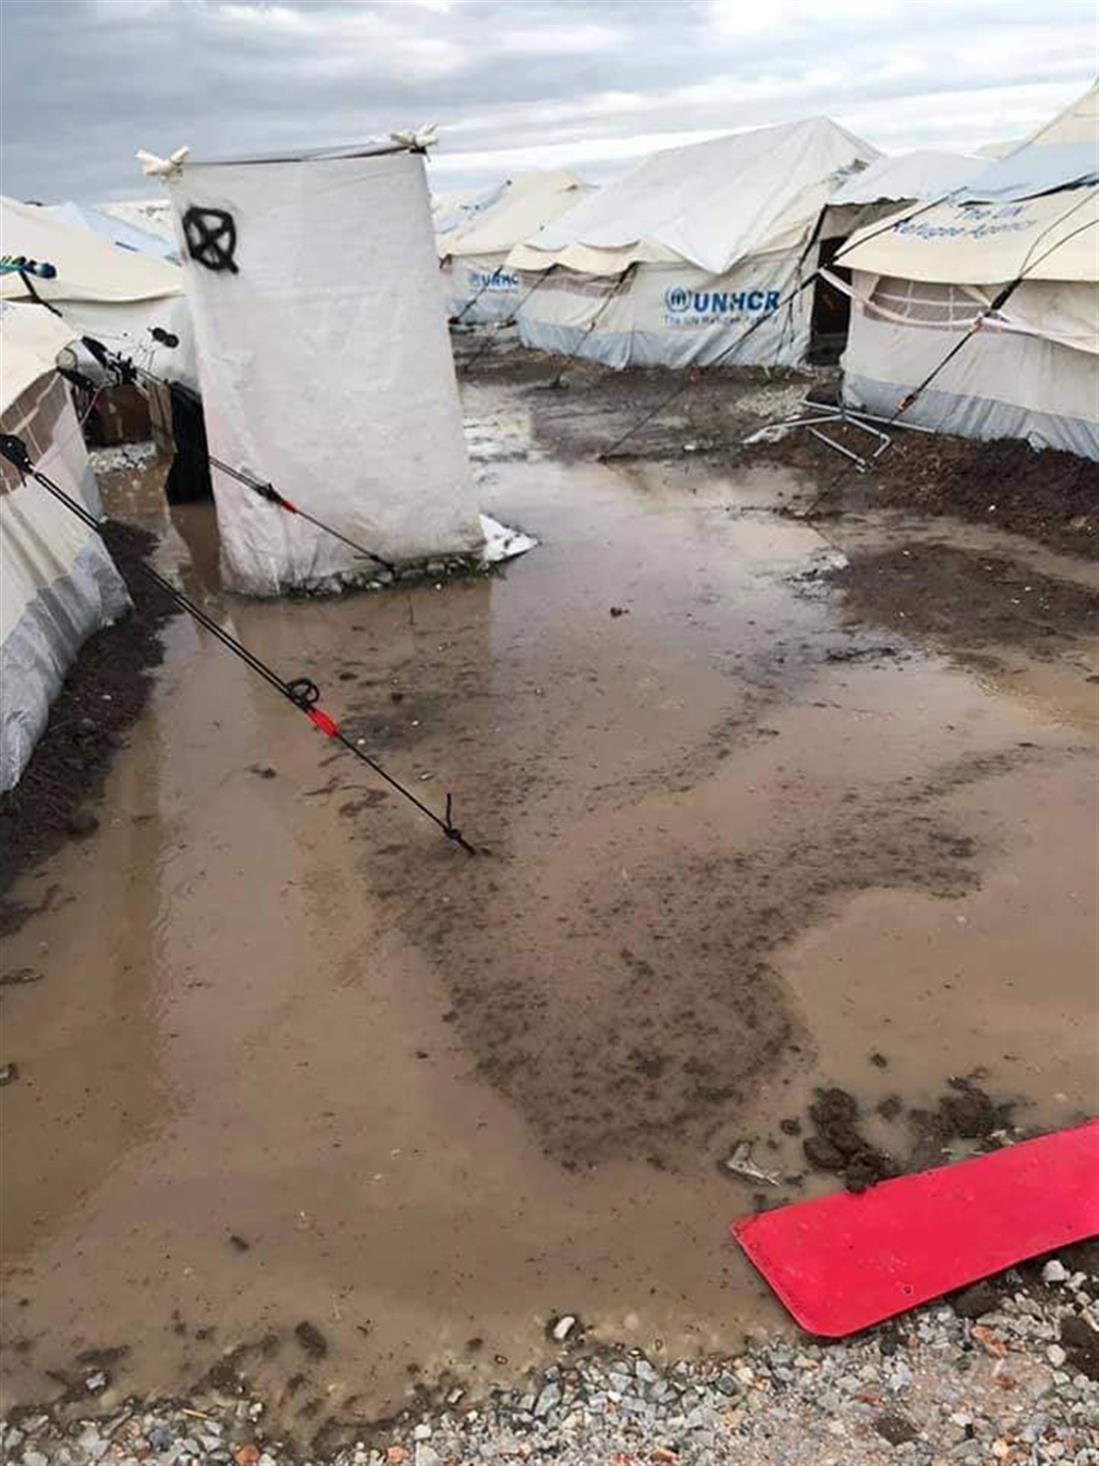 λάσπες - πλημμύρα - Καρά Τεπέ